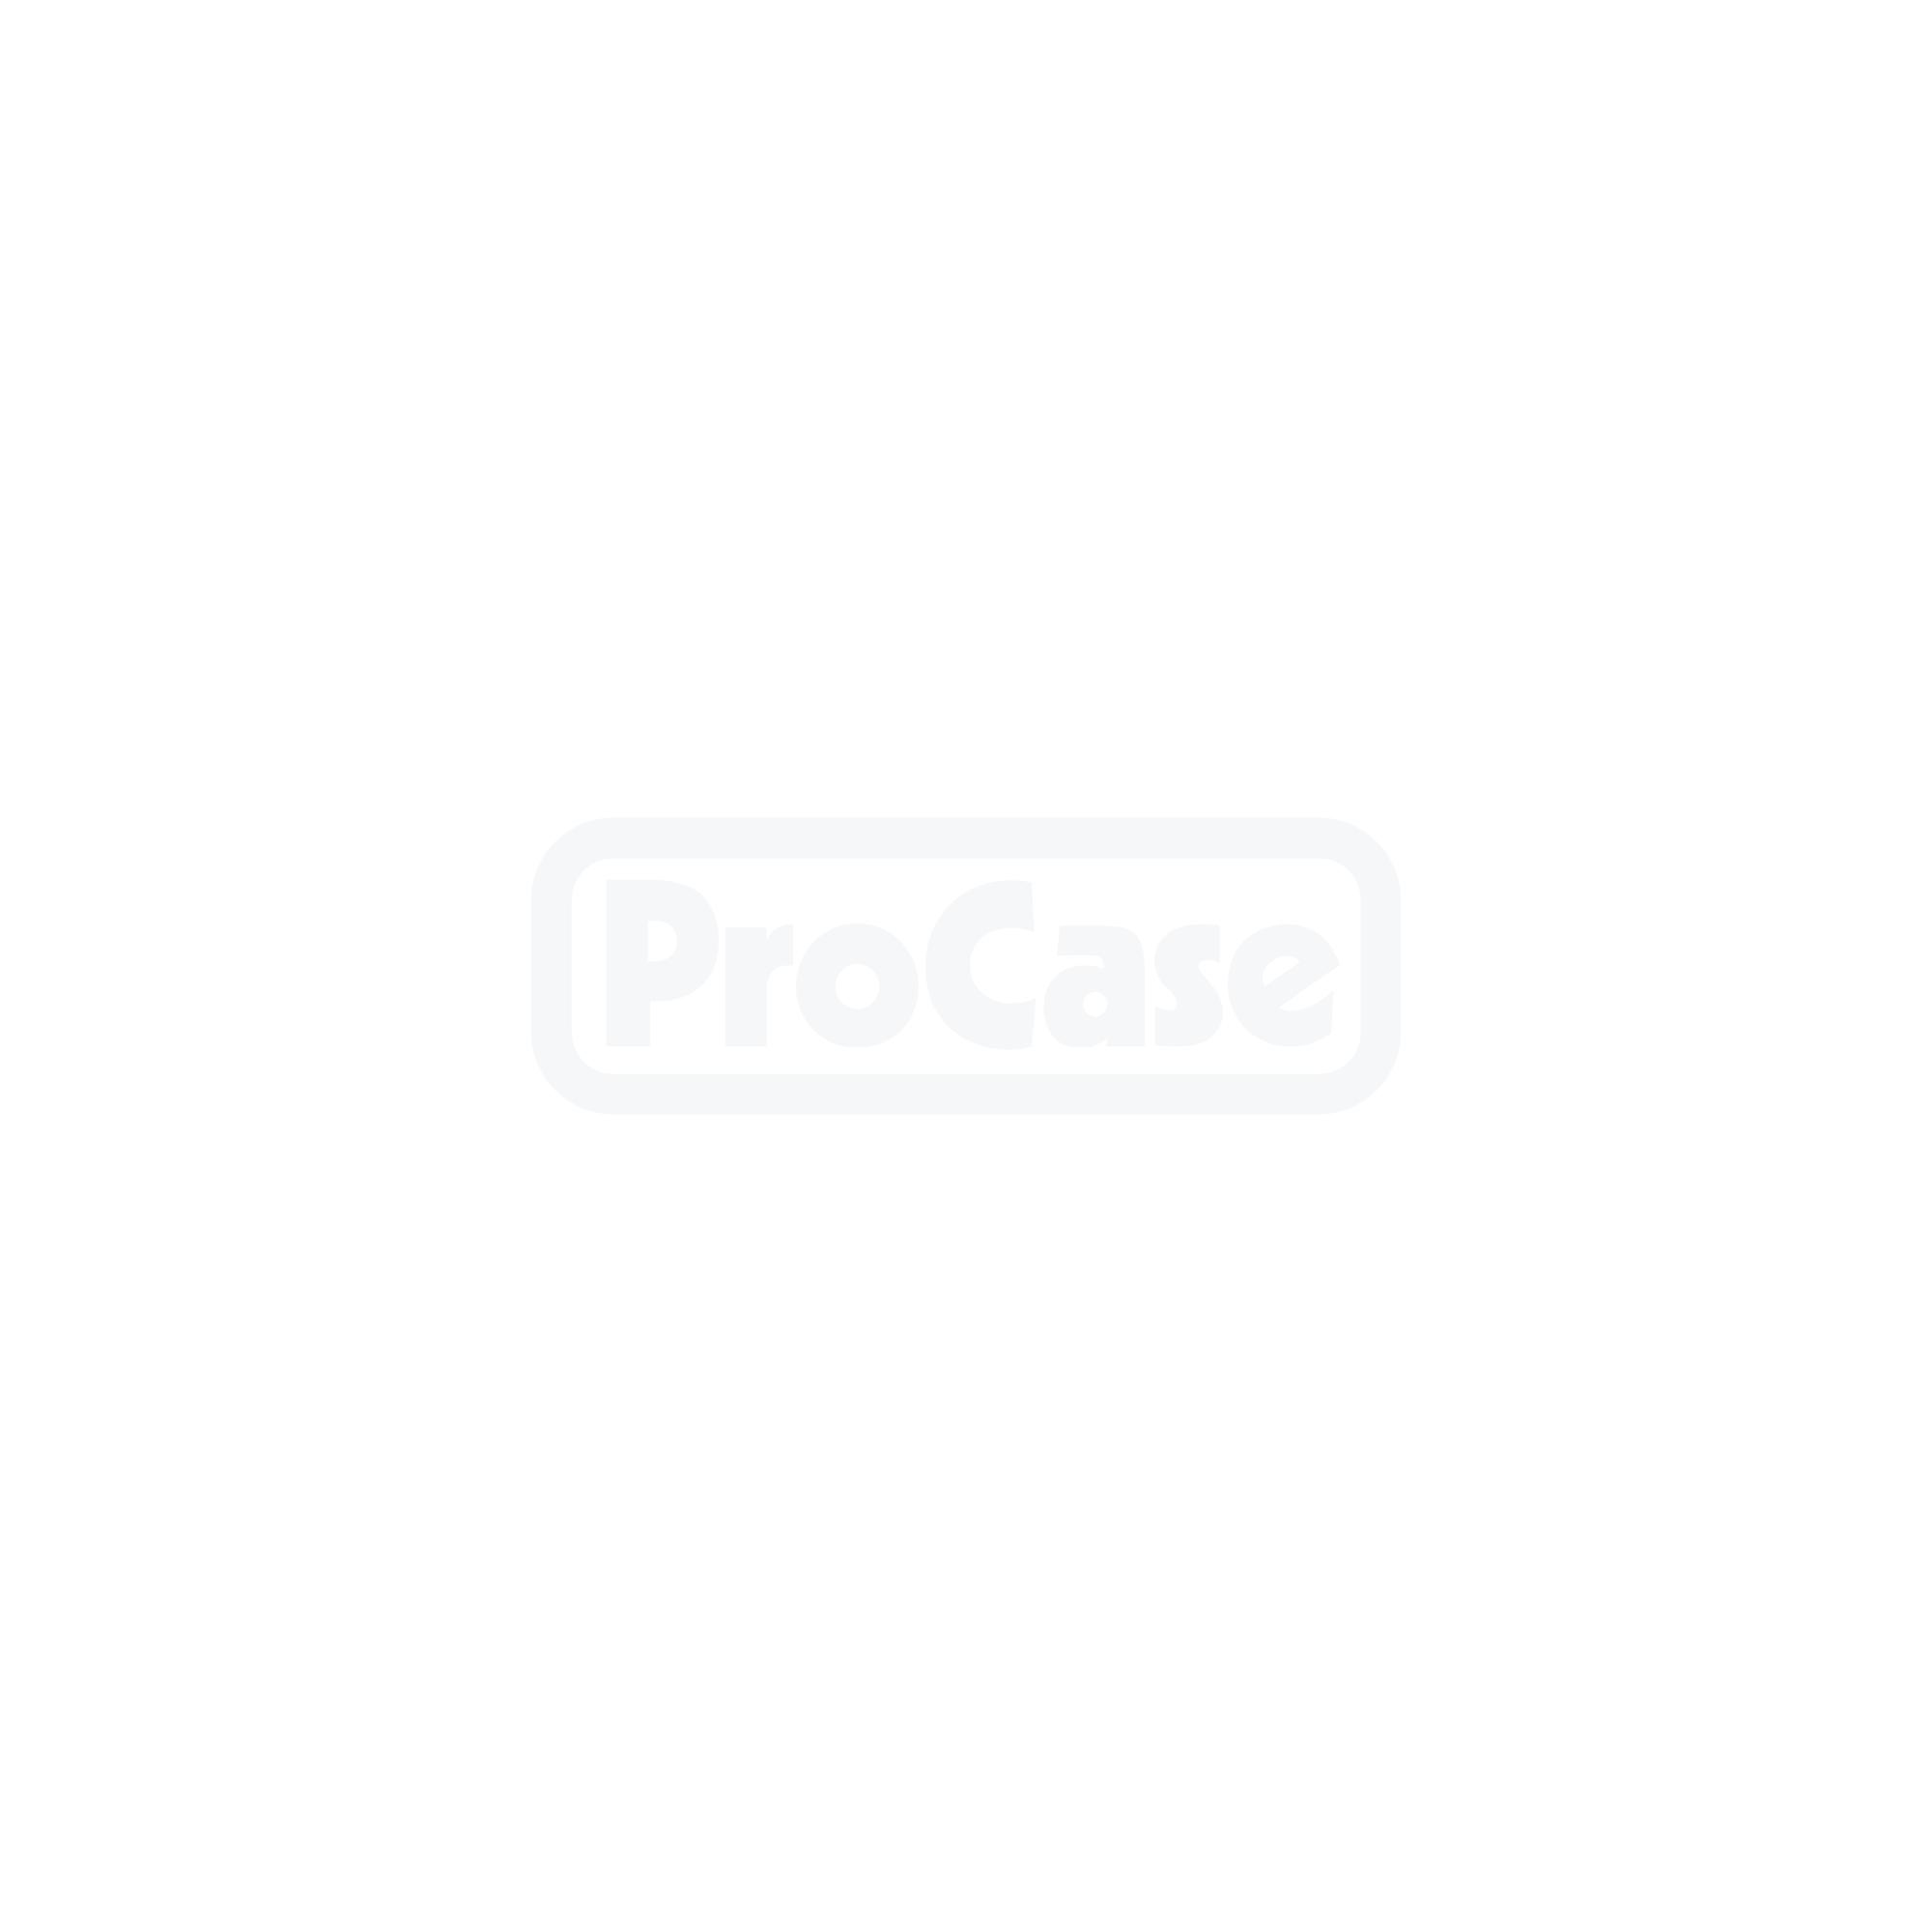 SKB 3i Koffer 2015-10 leer mit Trolley 2